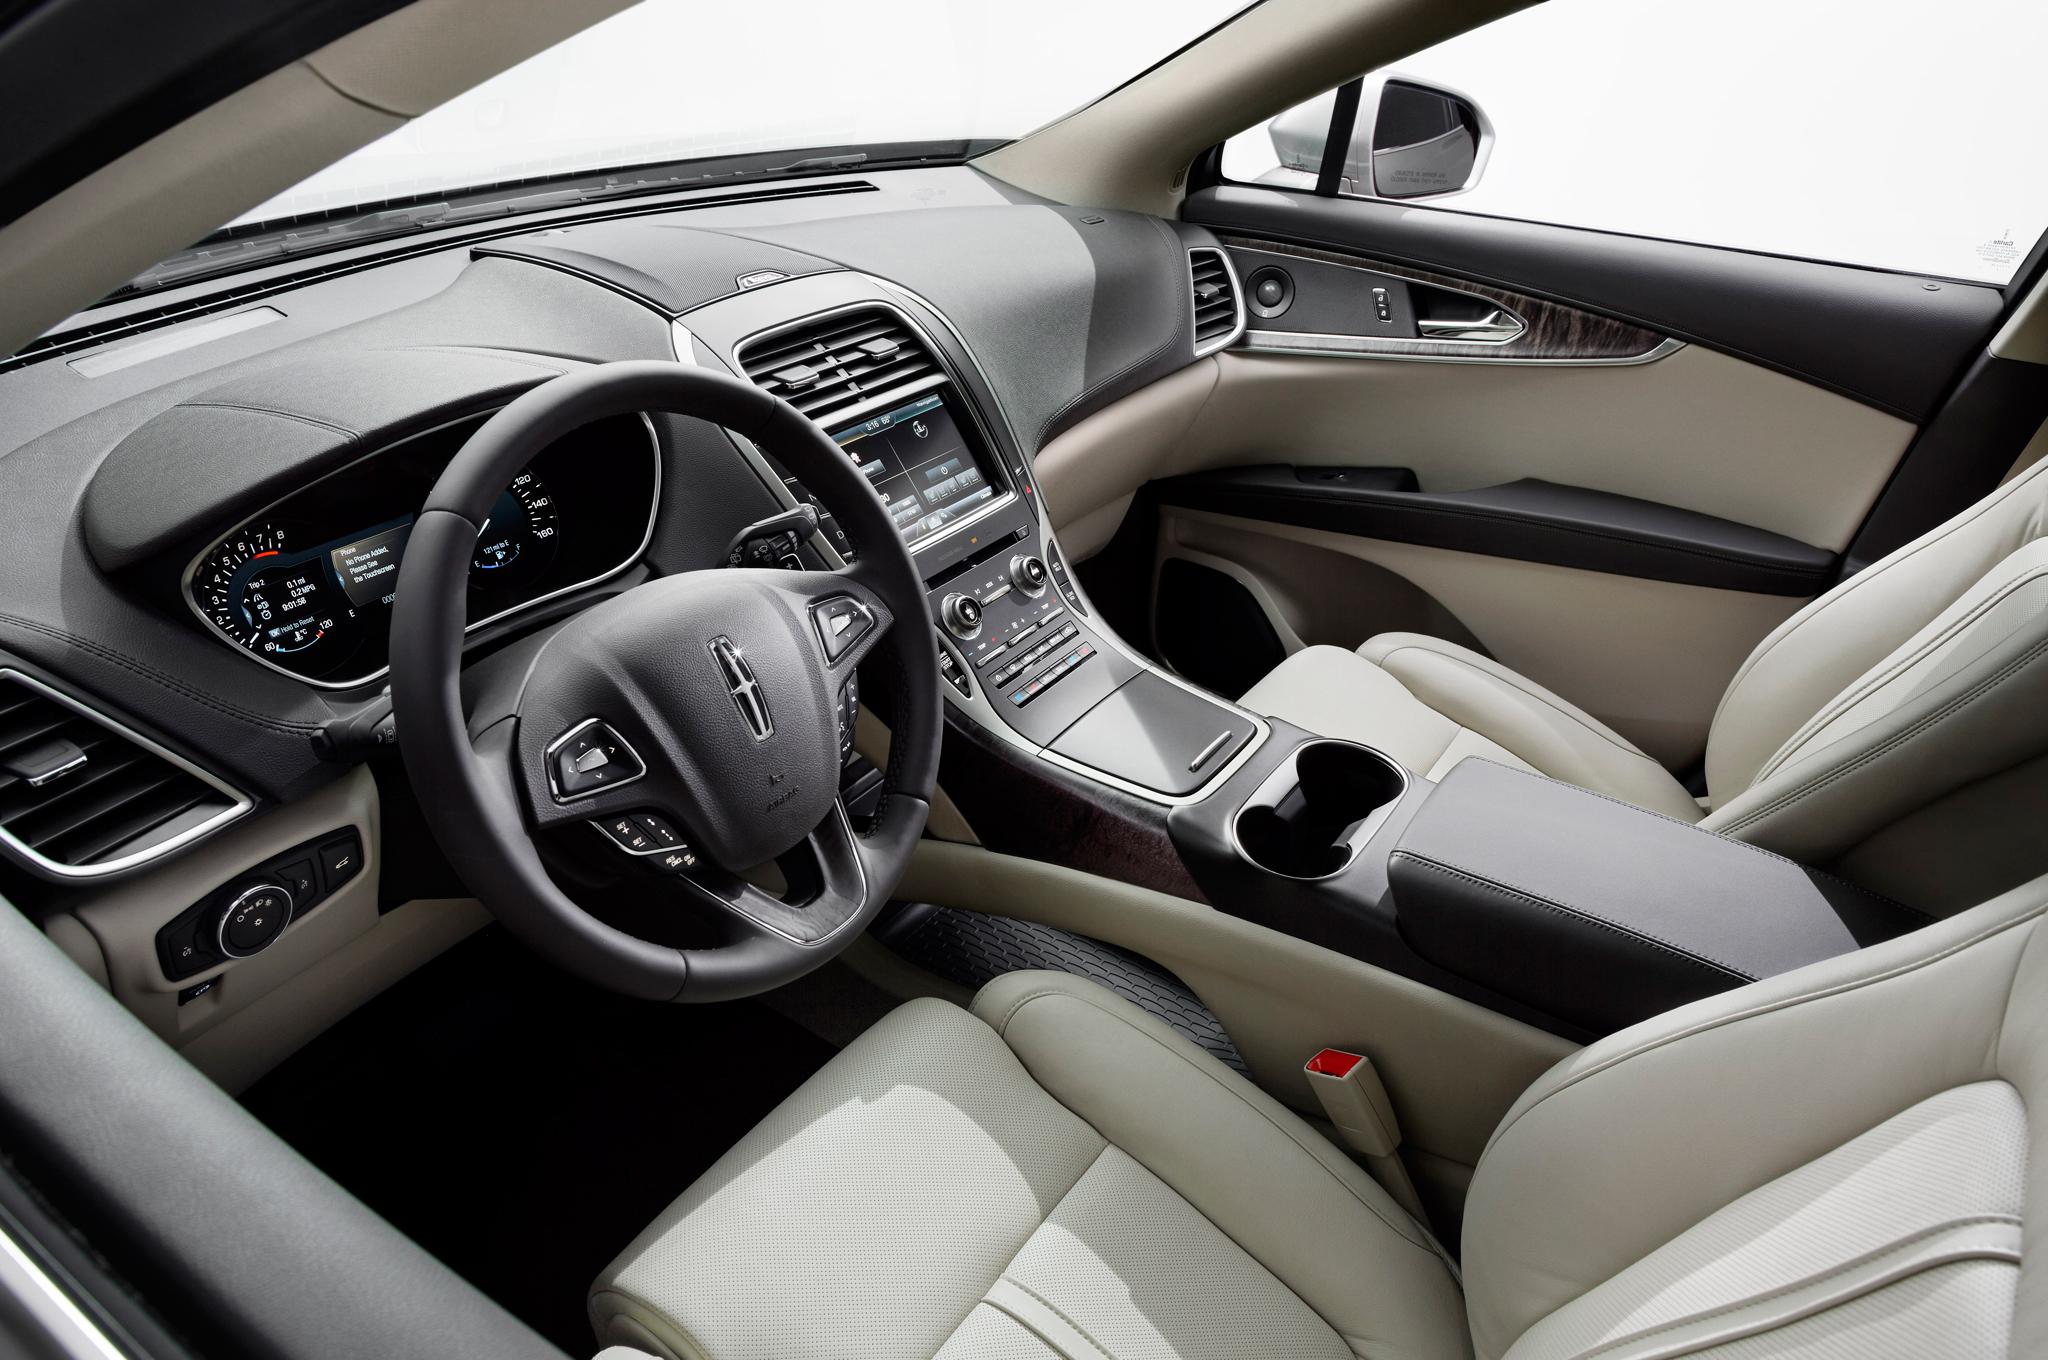 2016 Lincoln MKX Interior Profile